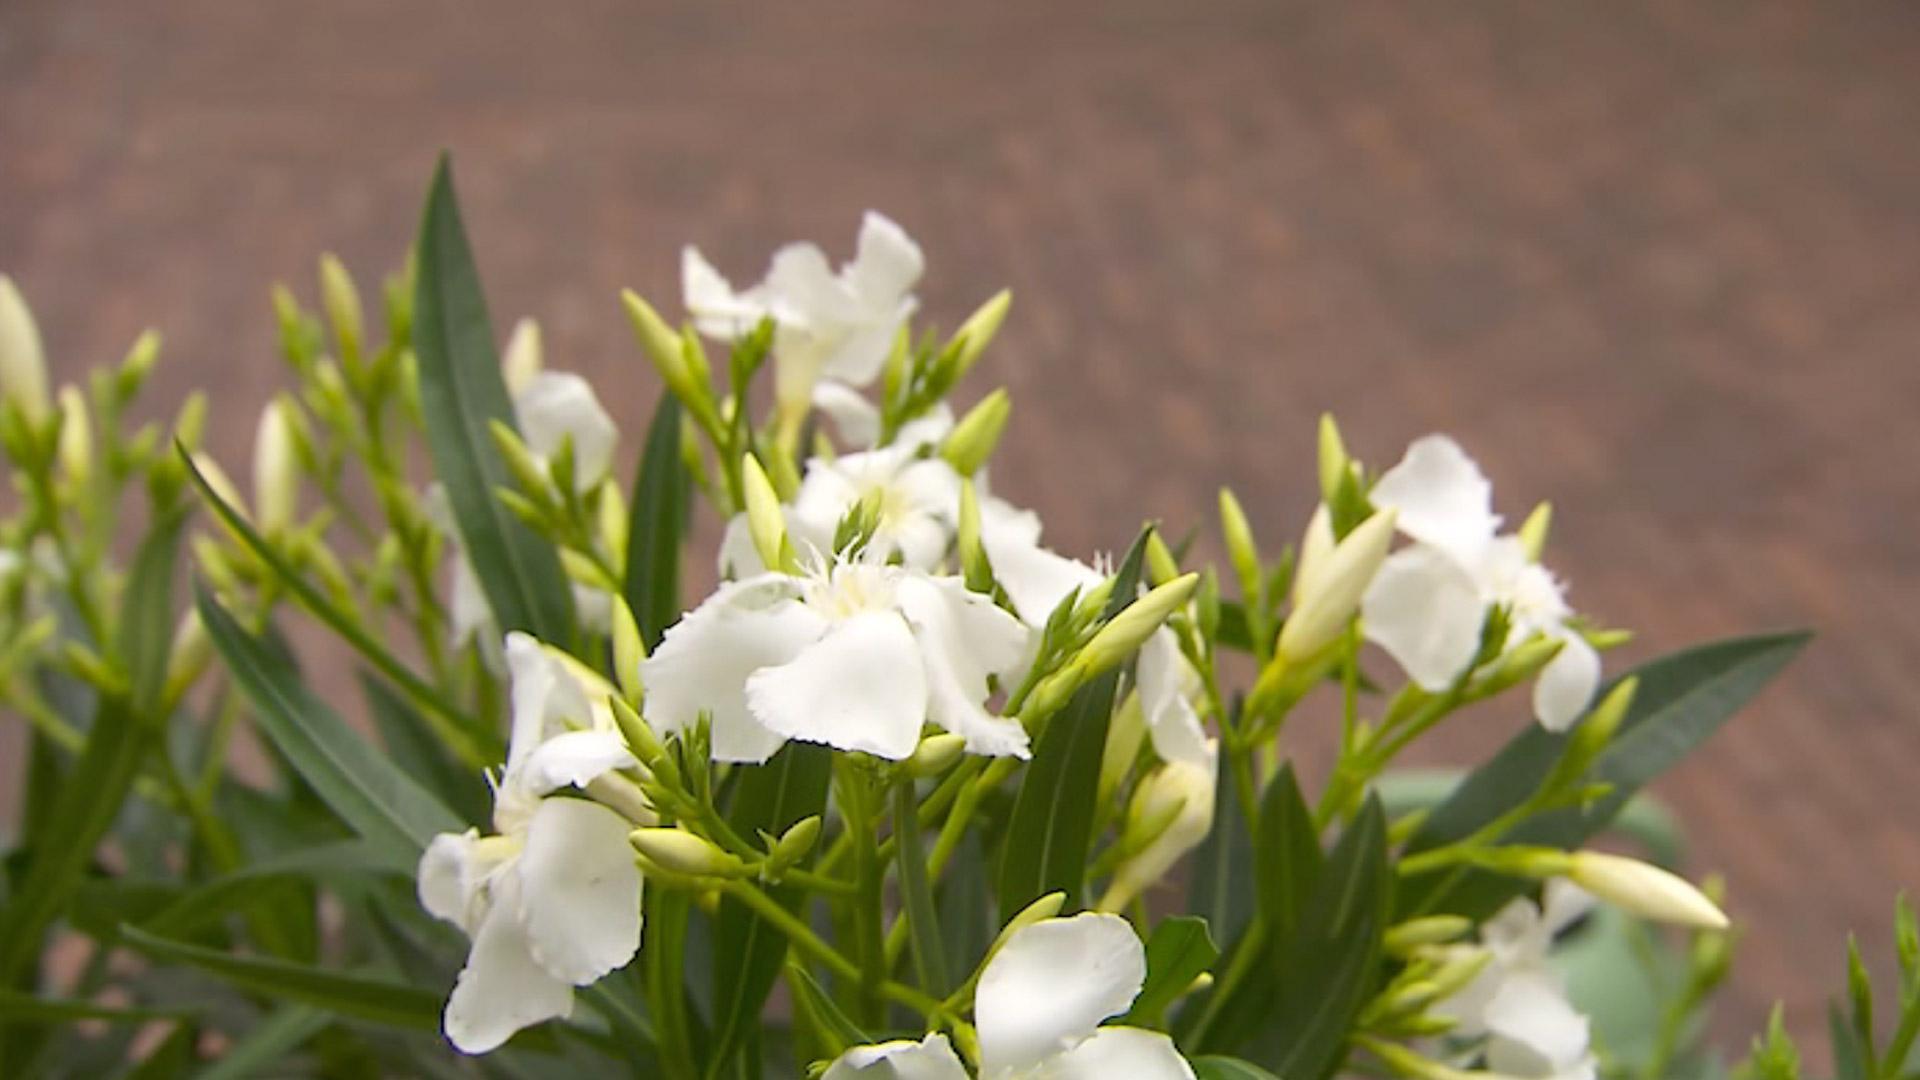 Kwalitatieve potgrond voor perkplanten - DCM Ecoterra® Geraniums, Surfinia® & Bloeiende Planten